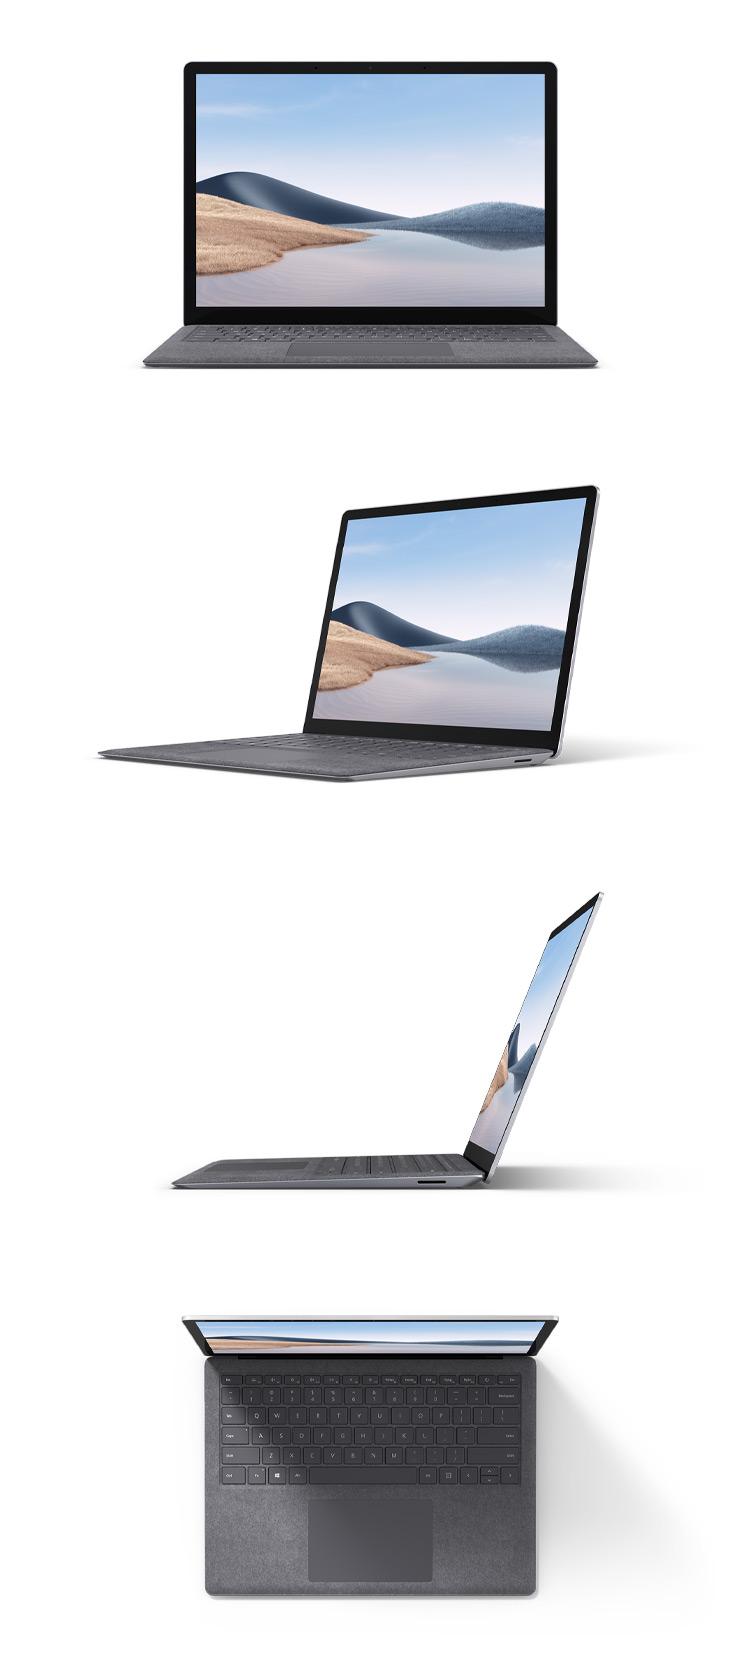 プラチナカラーの Alcantara 素材の Surface Laptop 4 の 13.5 インチを正面、斜め45度、横、上から見た様子